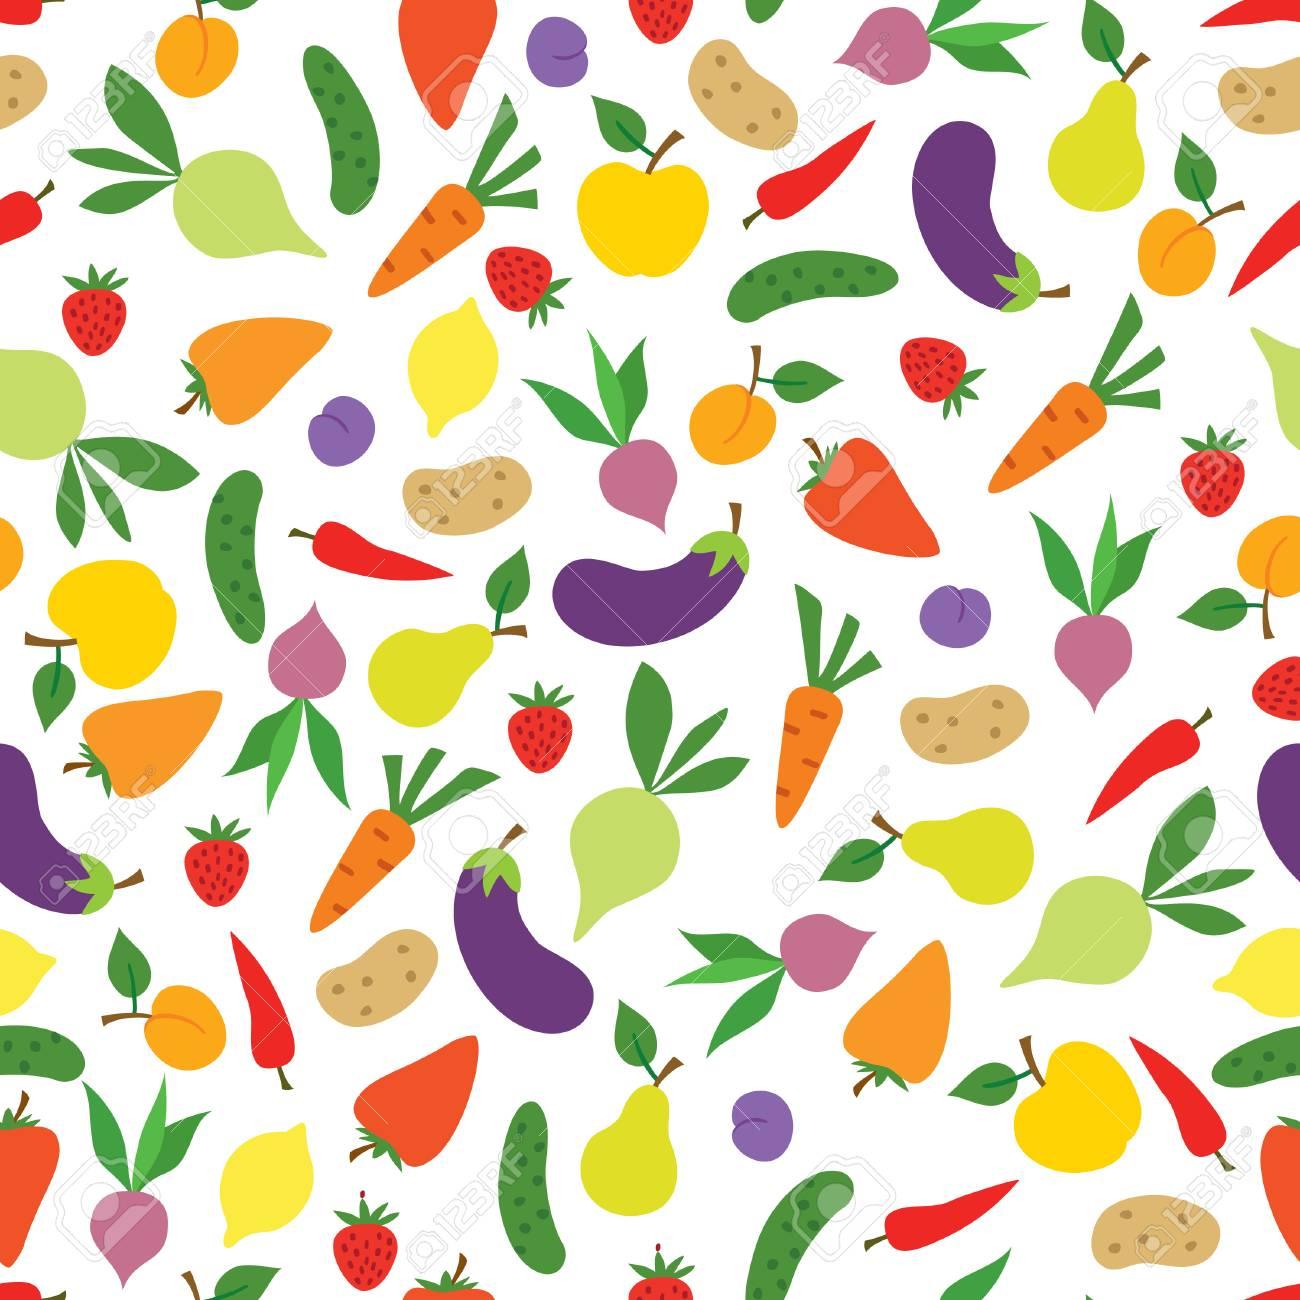 Vegetable seamless pattern. Healthy food ingredient background.